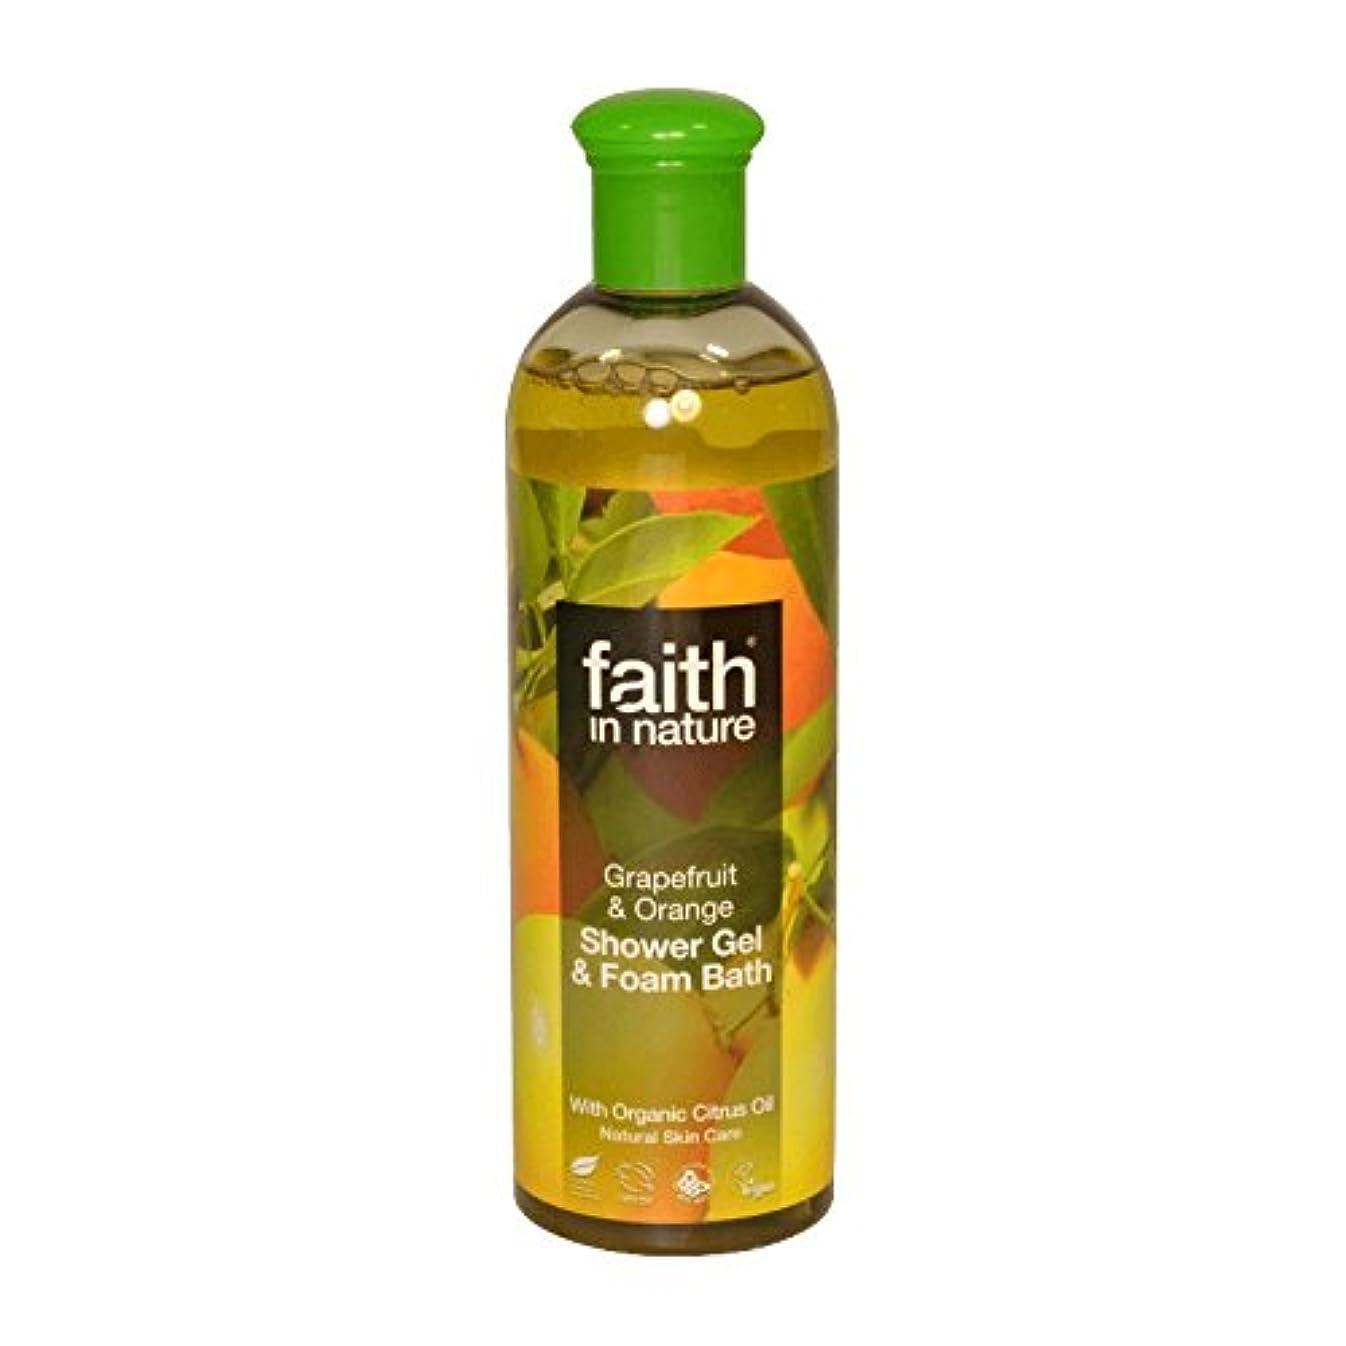 ミケランジェロ方言崇拝する自然グレープフルーツ&オレンジシャワージェル&バス泡400ミリリットルの信仰 - Faith in Nature Grapefruit & Orange Shower Gel & Bath Foam 400ml (Faith...